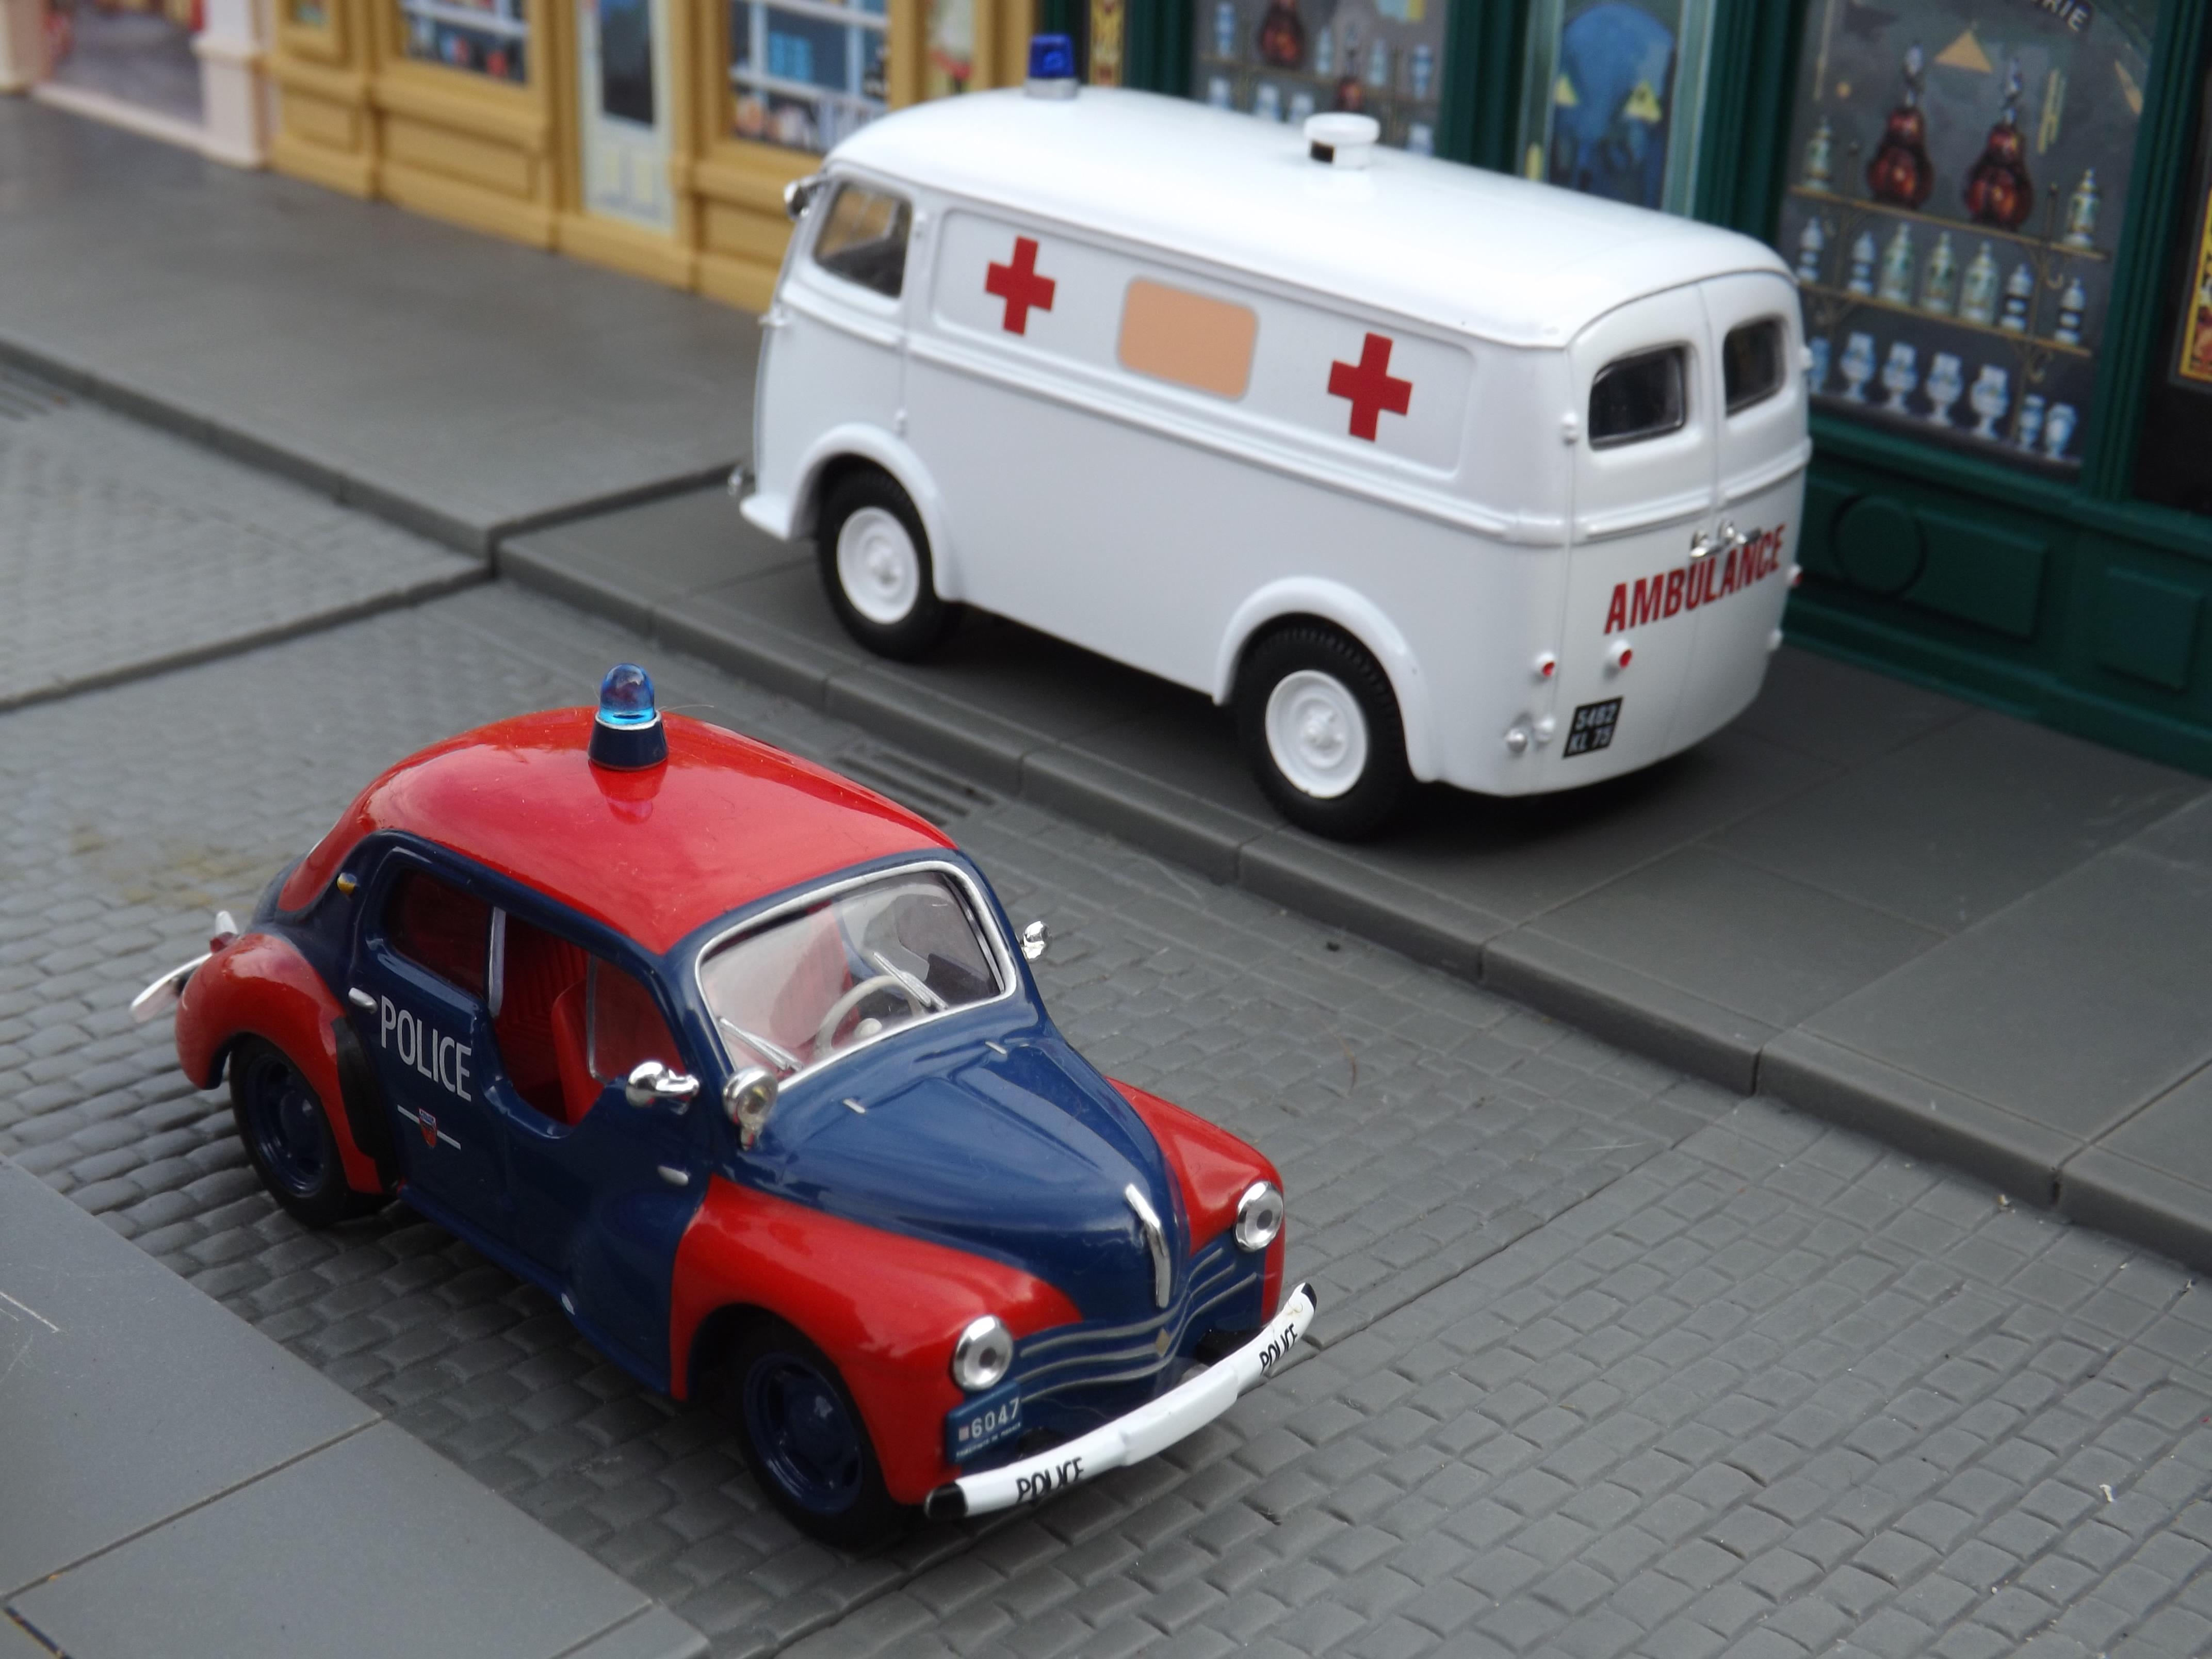 120925 - Renault 4CV Police Pie de Monaco & Peugeot D3A Ambulance by Andrew Bone CC BY 2.0